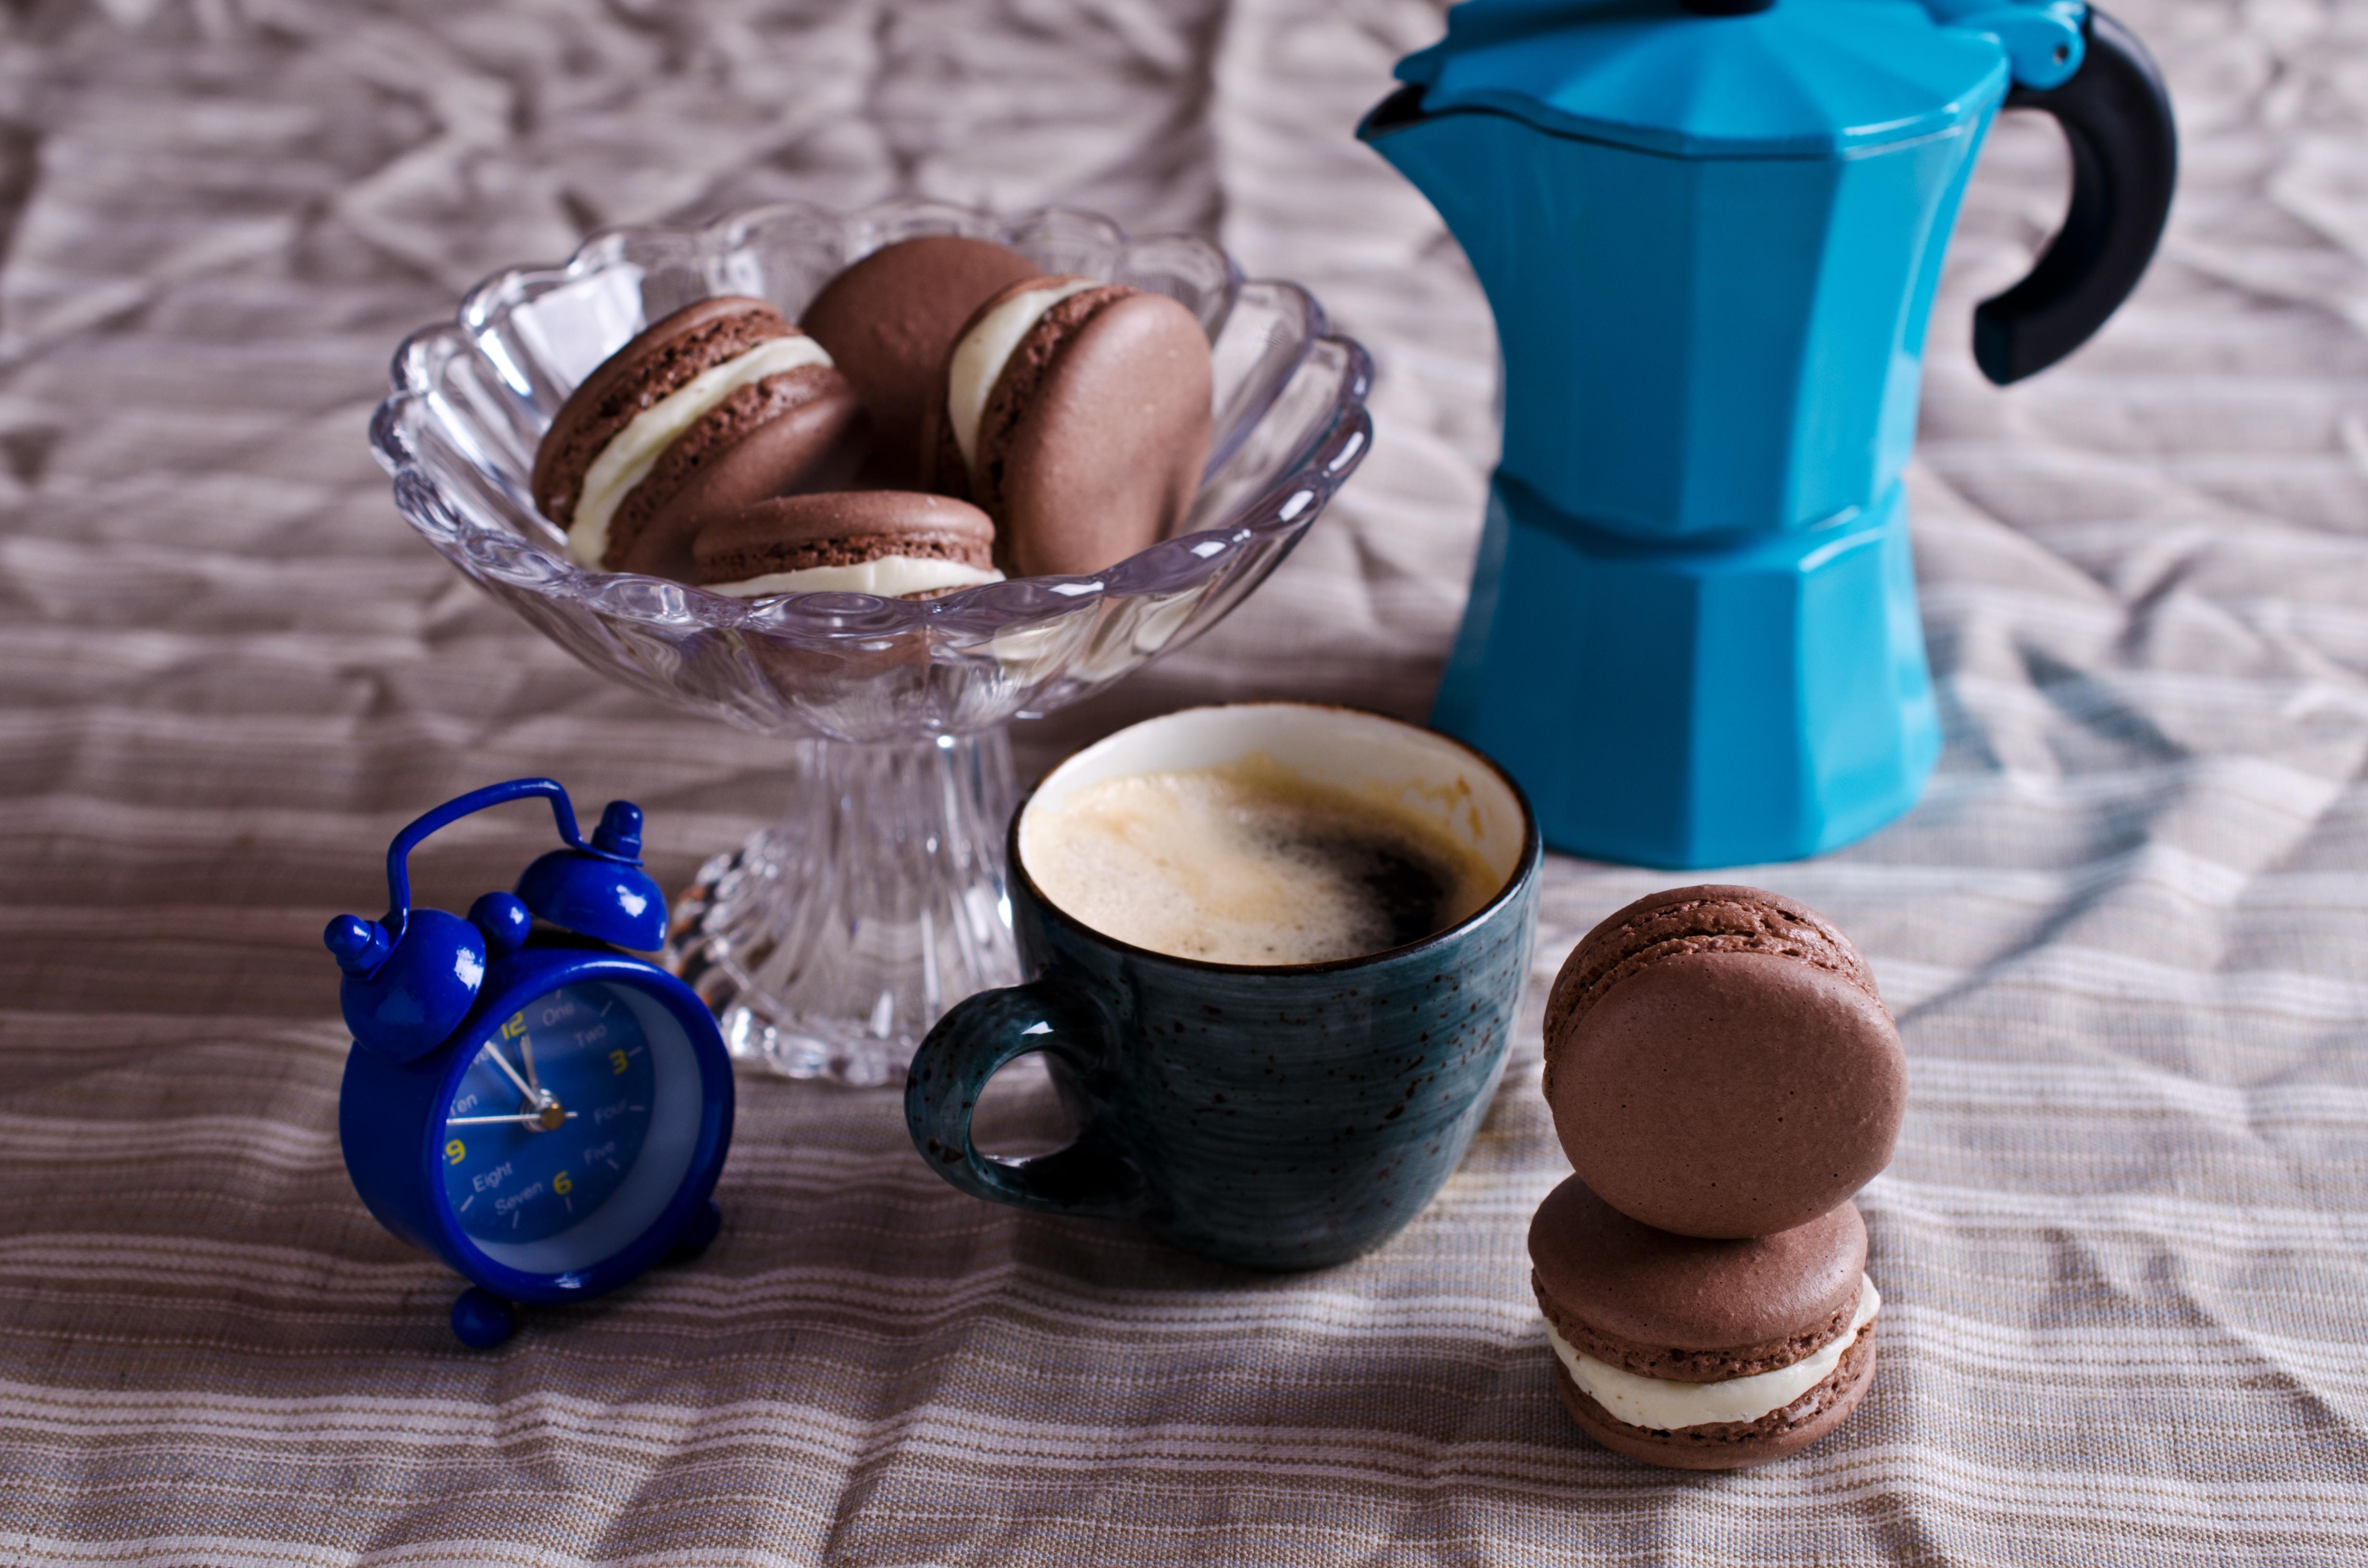 картинки кофе в кружке и печеньки второй женой детьми